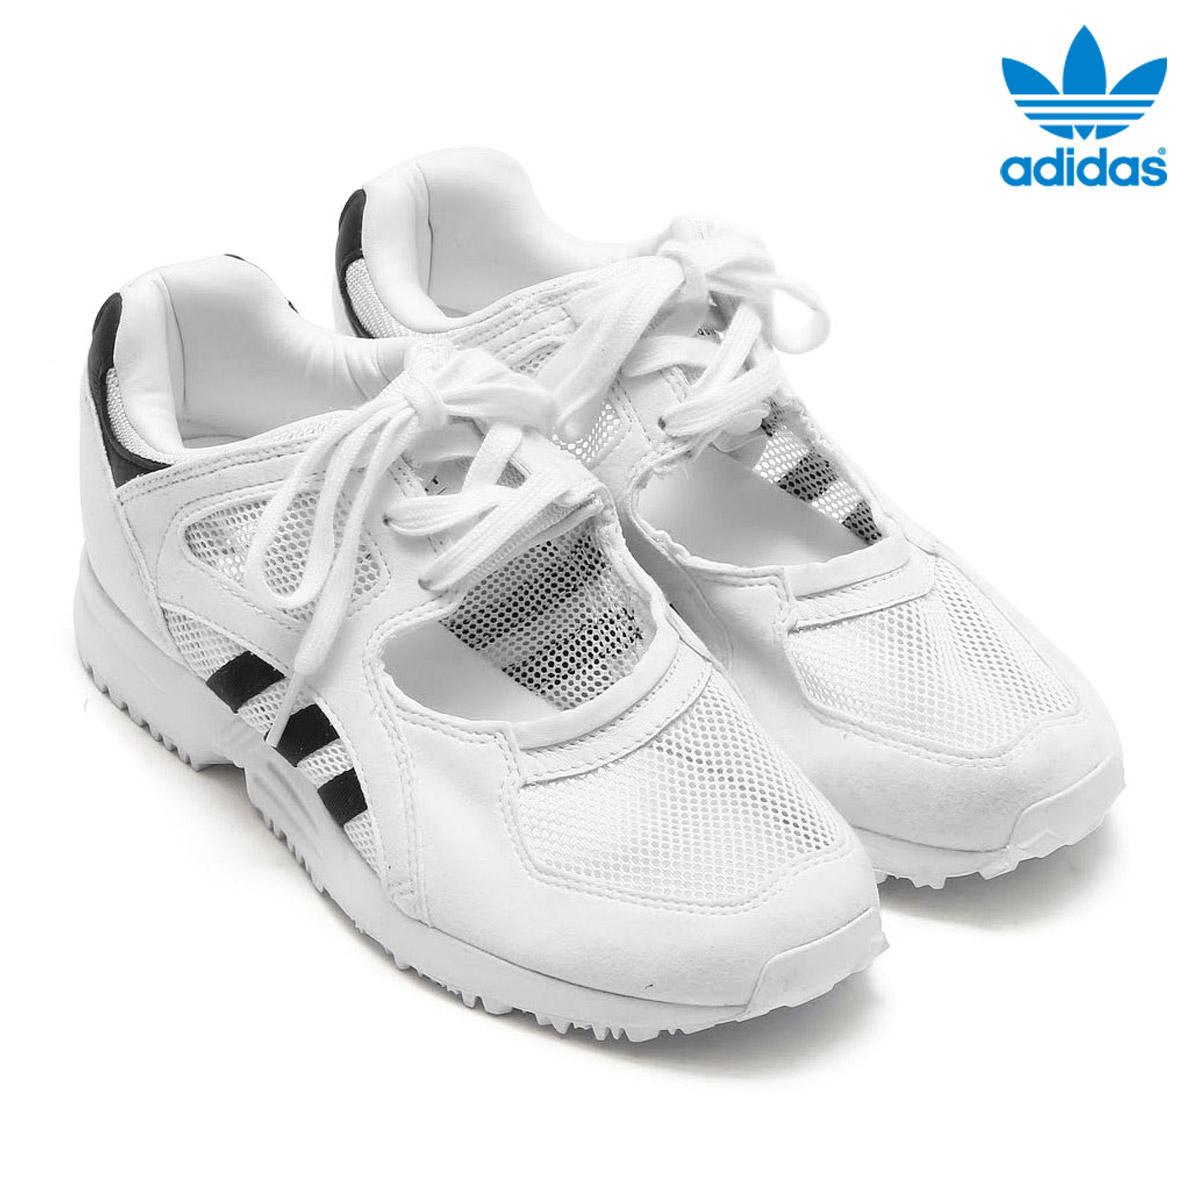 best sneakers 457c0 08694 adidas EQT RACING 91W (Adidas EQT racing 91W) (Running White/Running  White/Core Black)